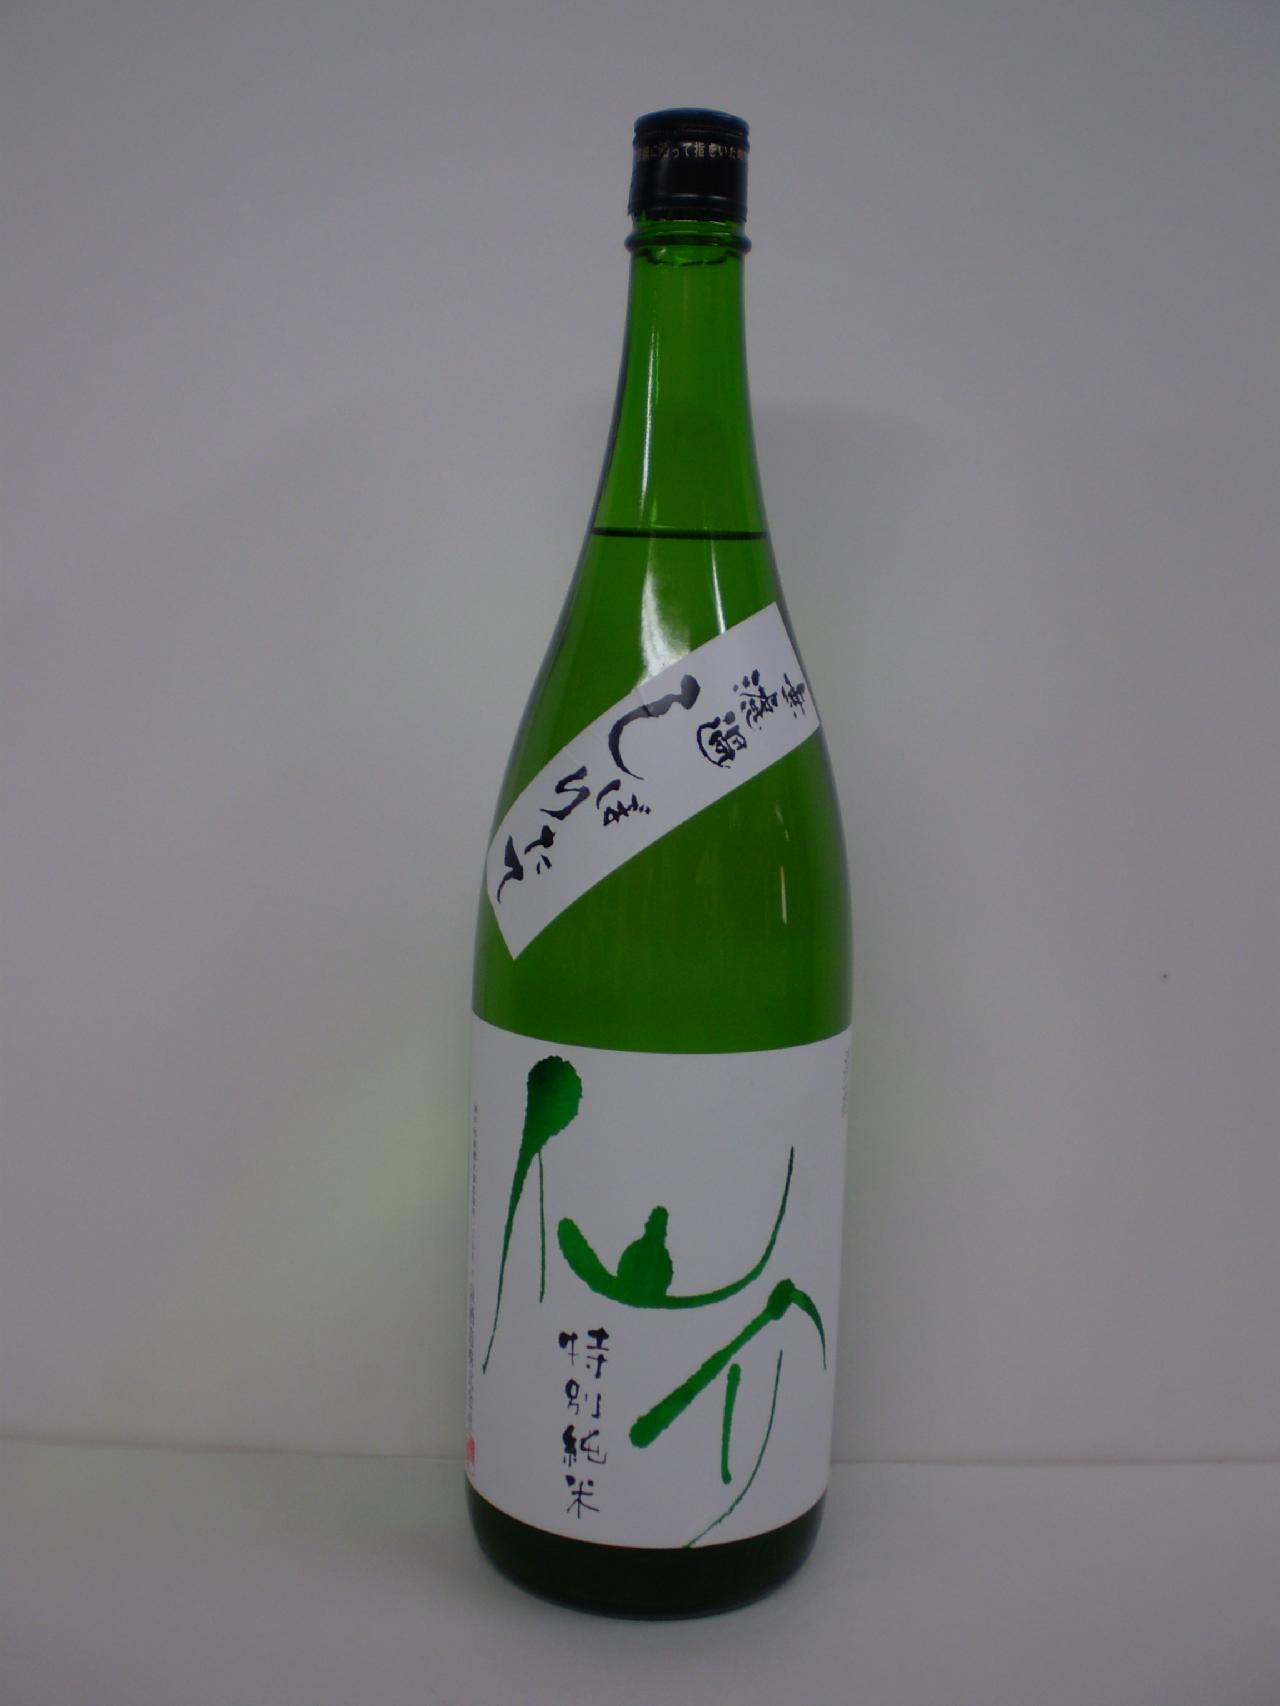 仙介 特別純米しぼりたて生 1800ml 泉酒造